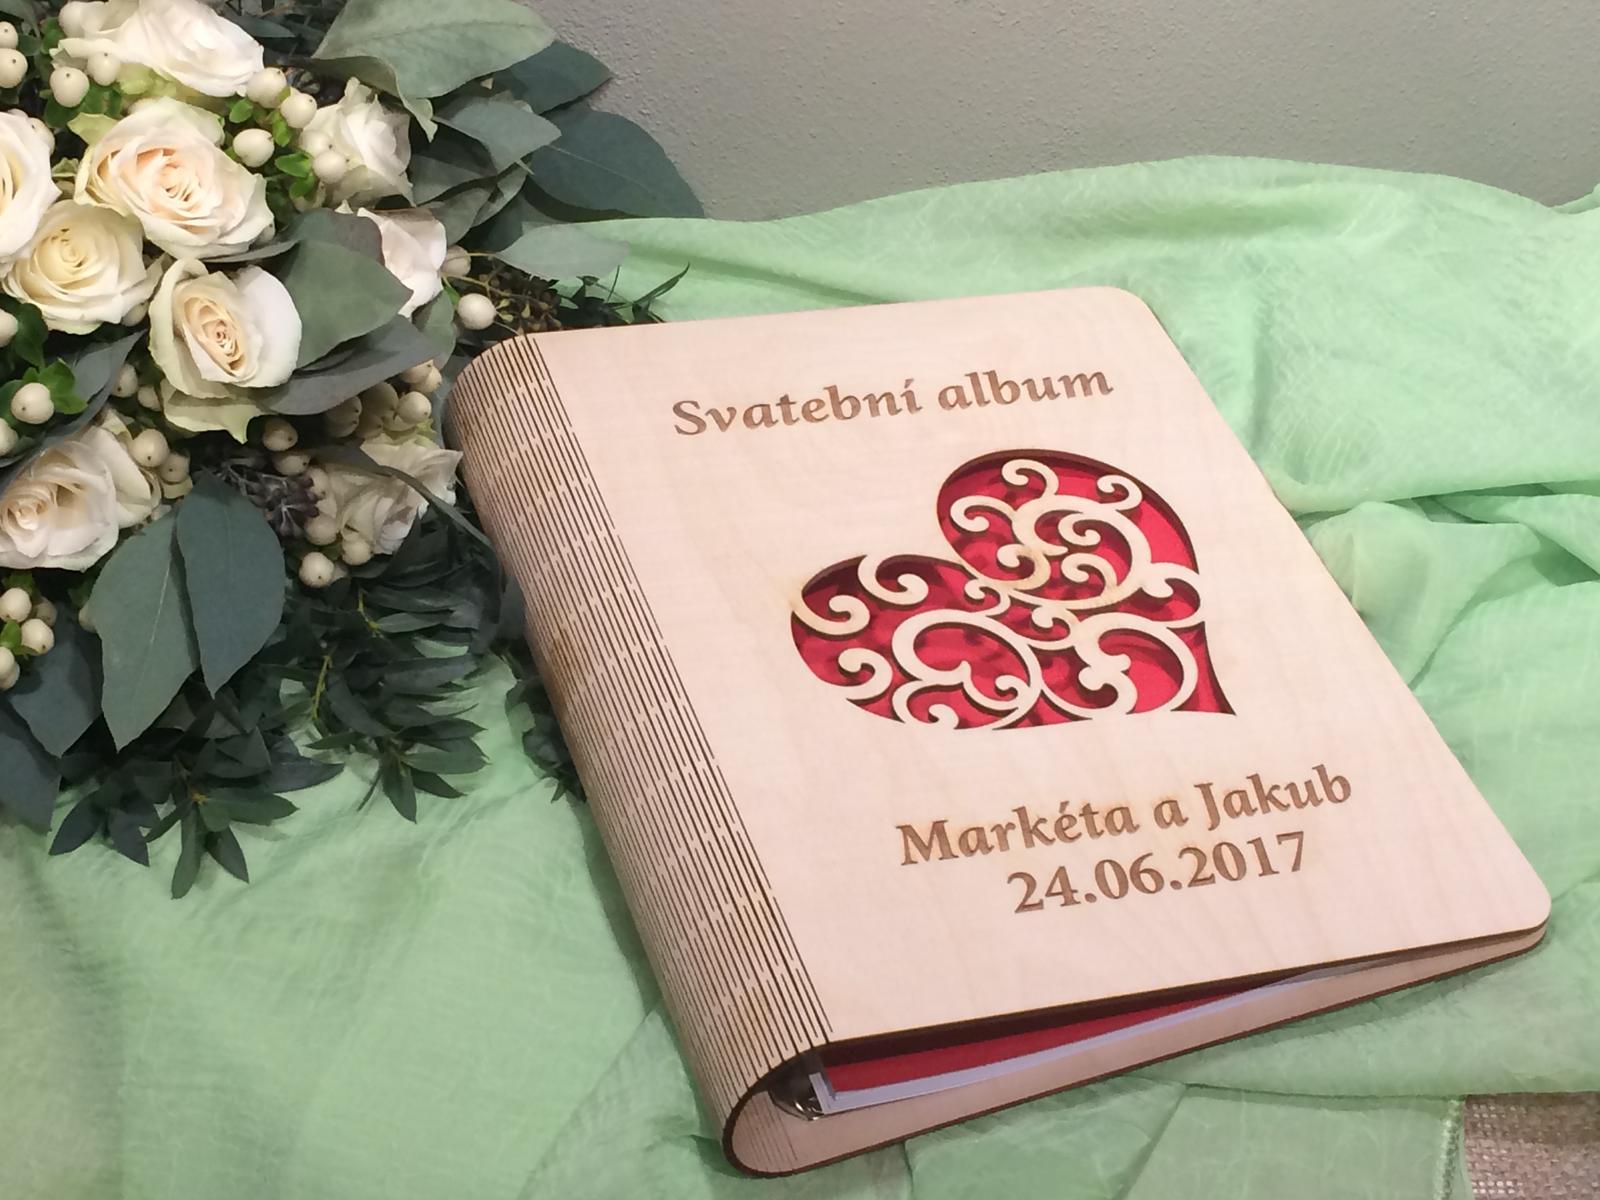 Zase něco nového z naší dílny :-) - Zase něco nového z naší dílny :-) vyrábíme na přání zákazníků - více na našem eshopu www.slavnostnichvile.cz i FB